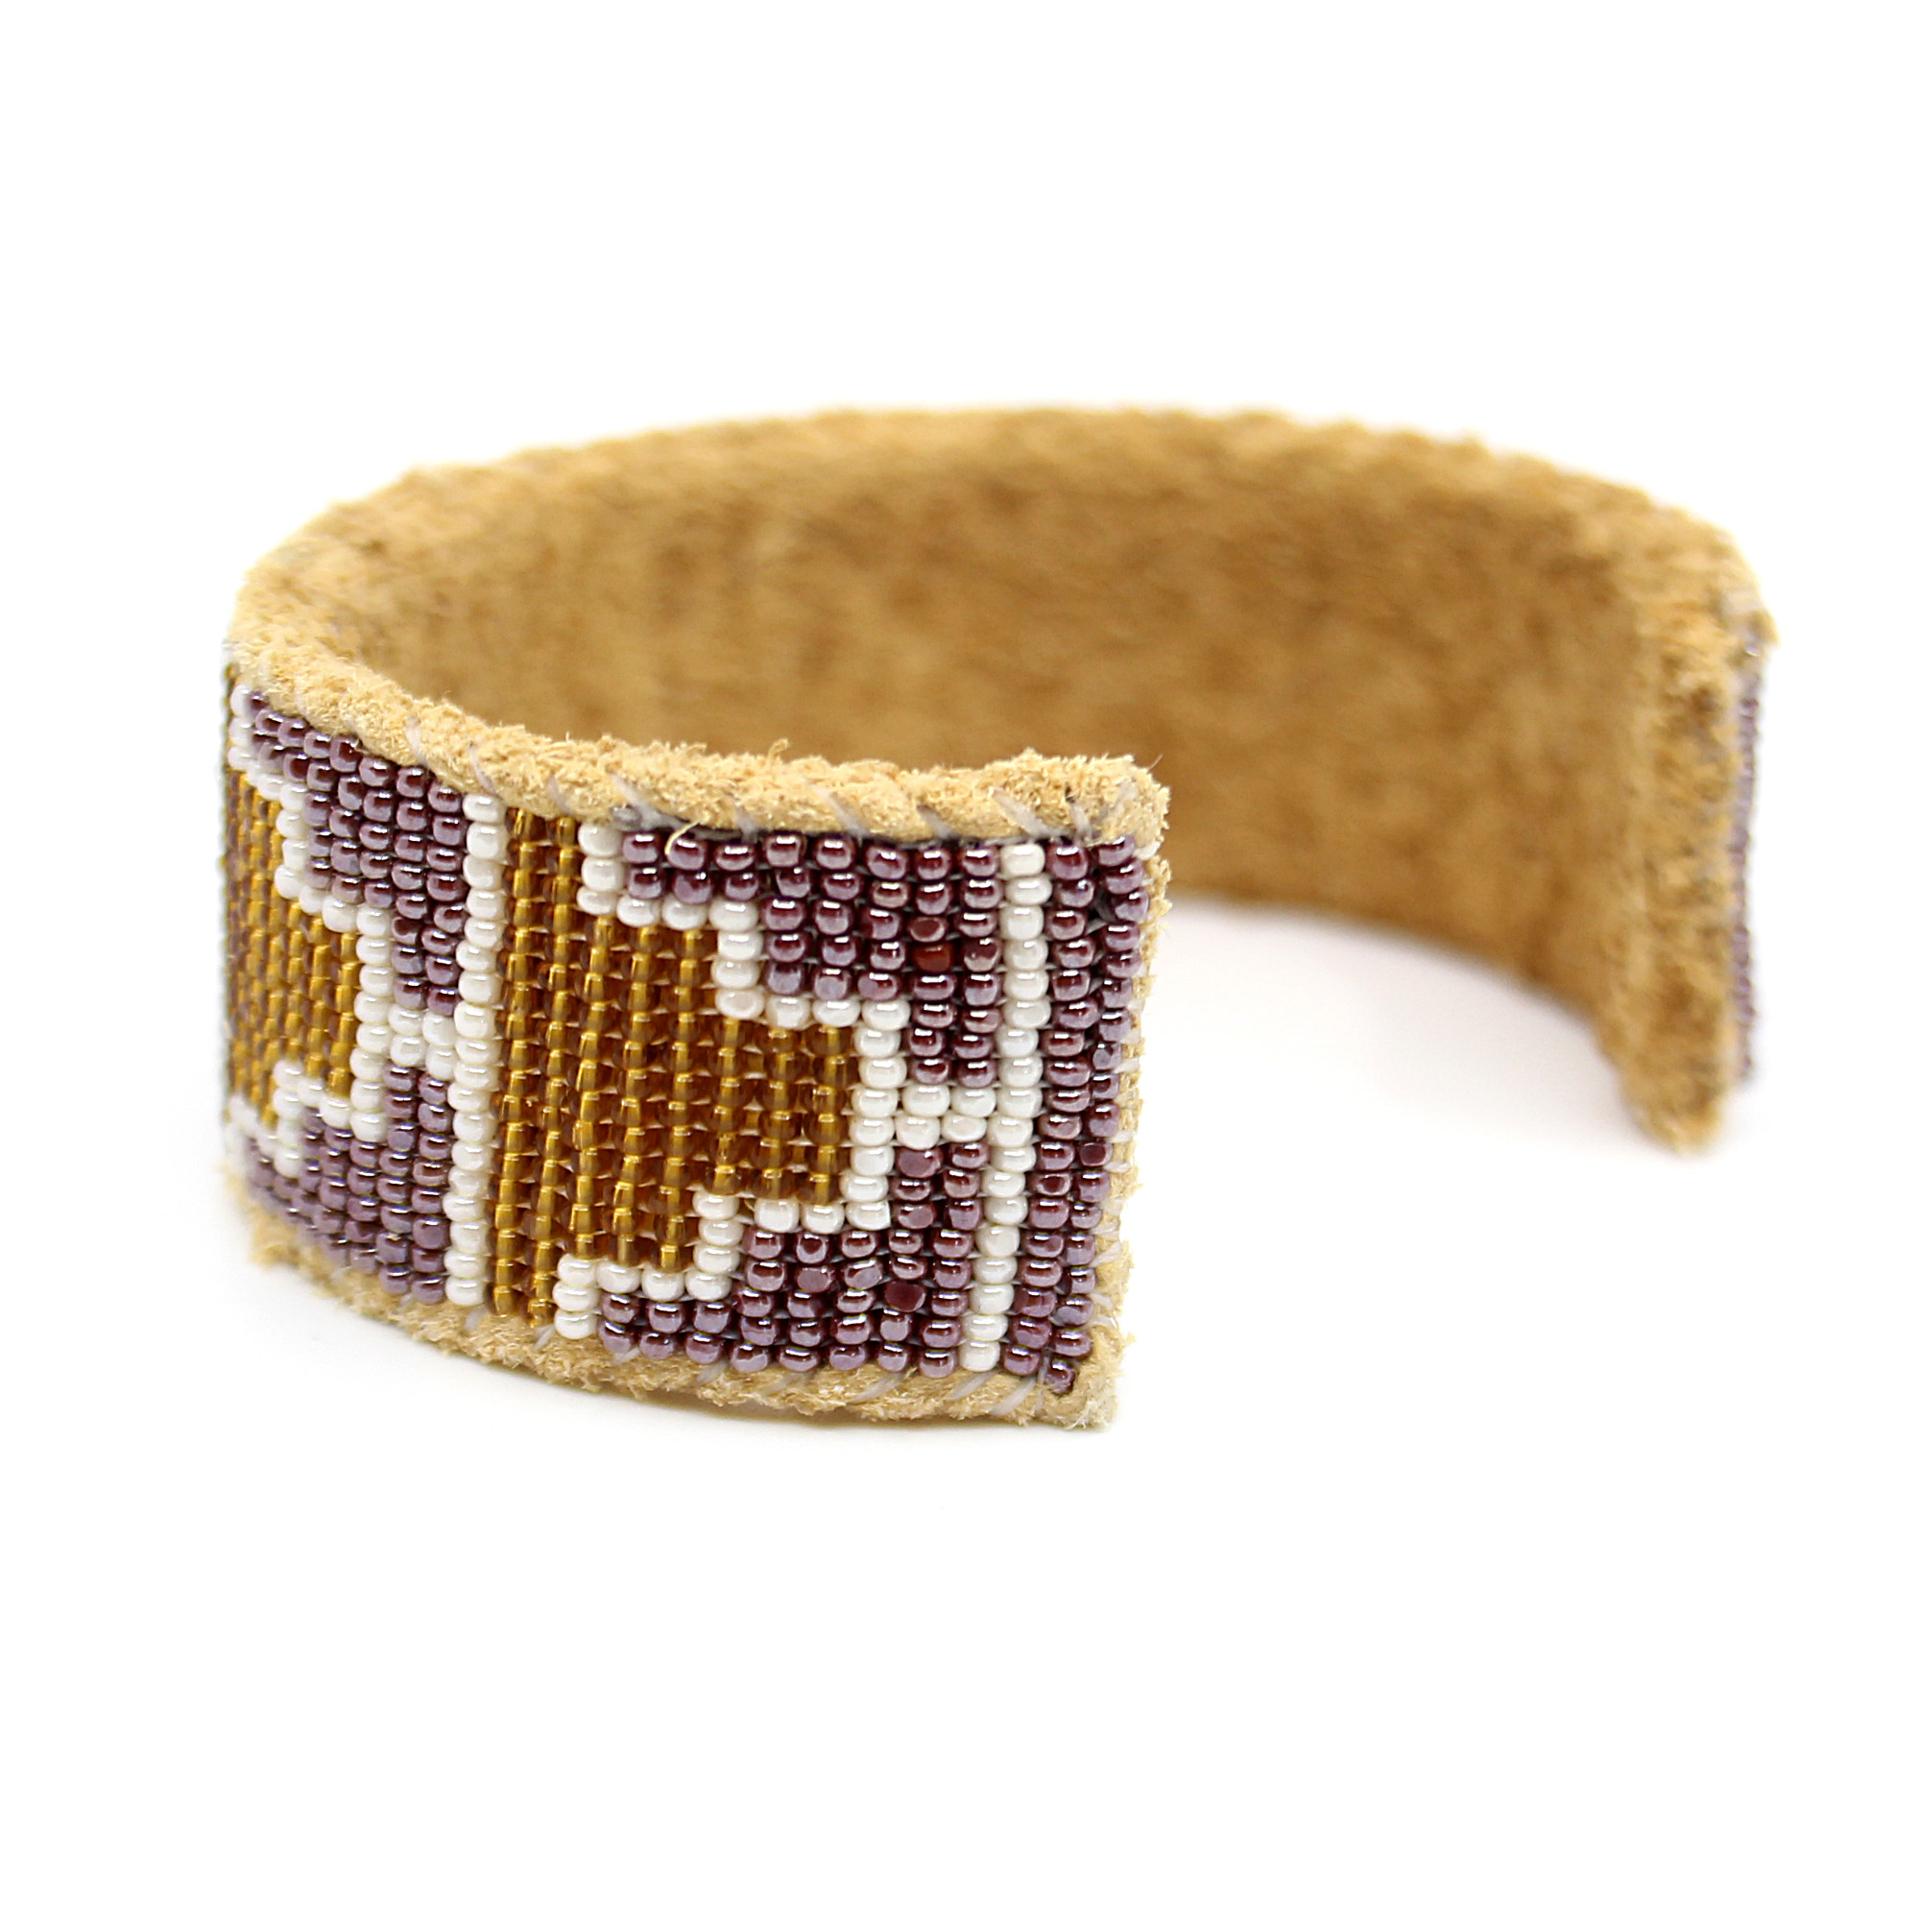 Pueblo Step Bracelet by Hollis Chitto